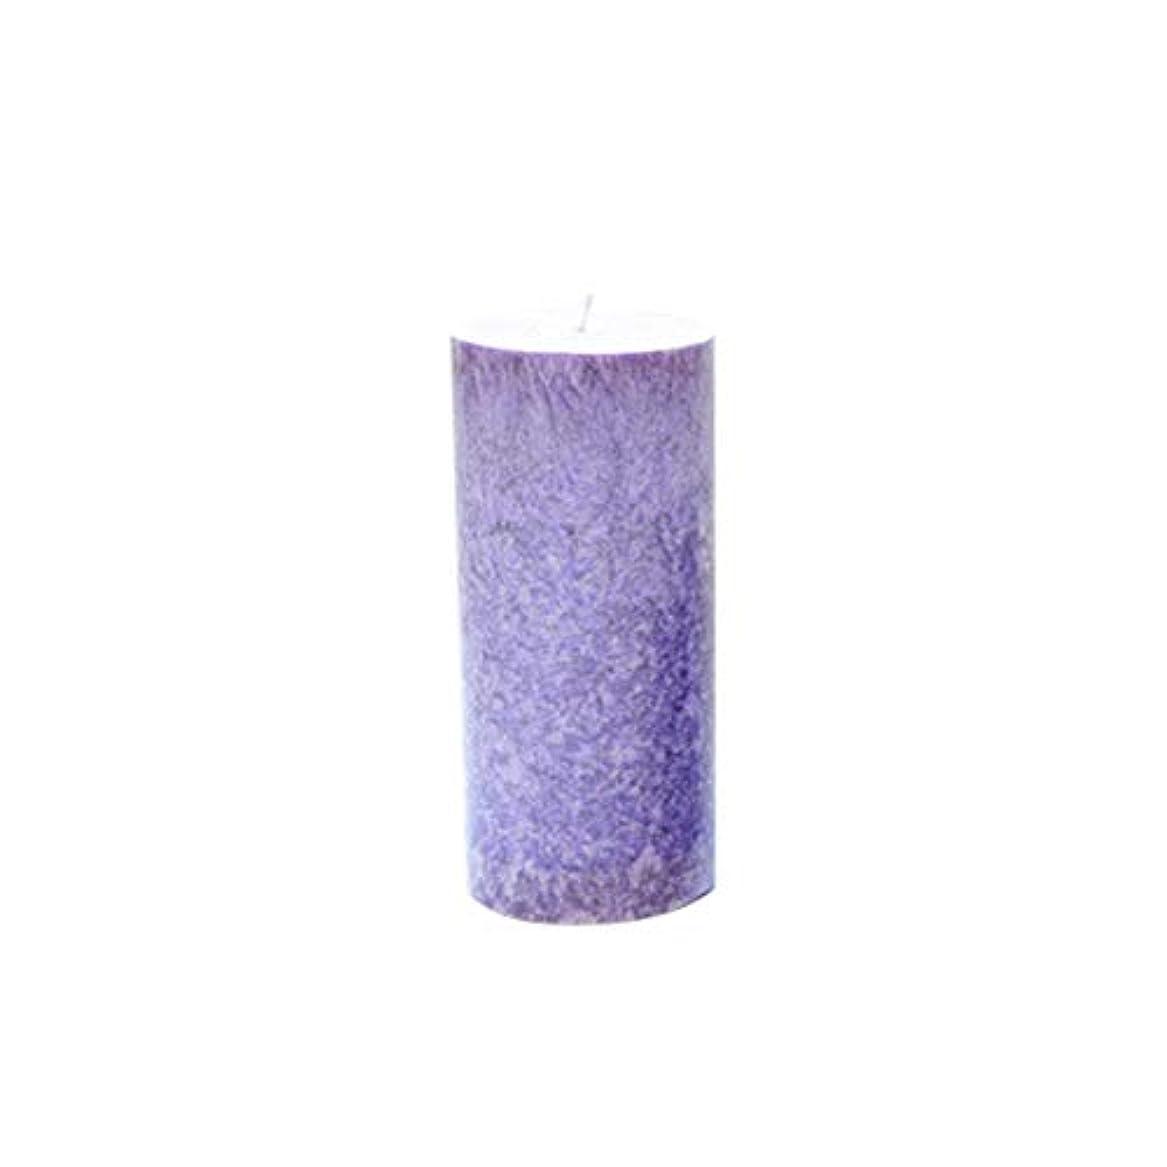 南ライバルスキームRakuby 香料入り 蝋燭 ロマンチック 紫色 ラベンダー アロマ療法 柱 蝋燭 祝祭 結婚祝い 無煙蝋燭